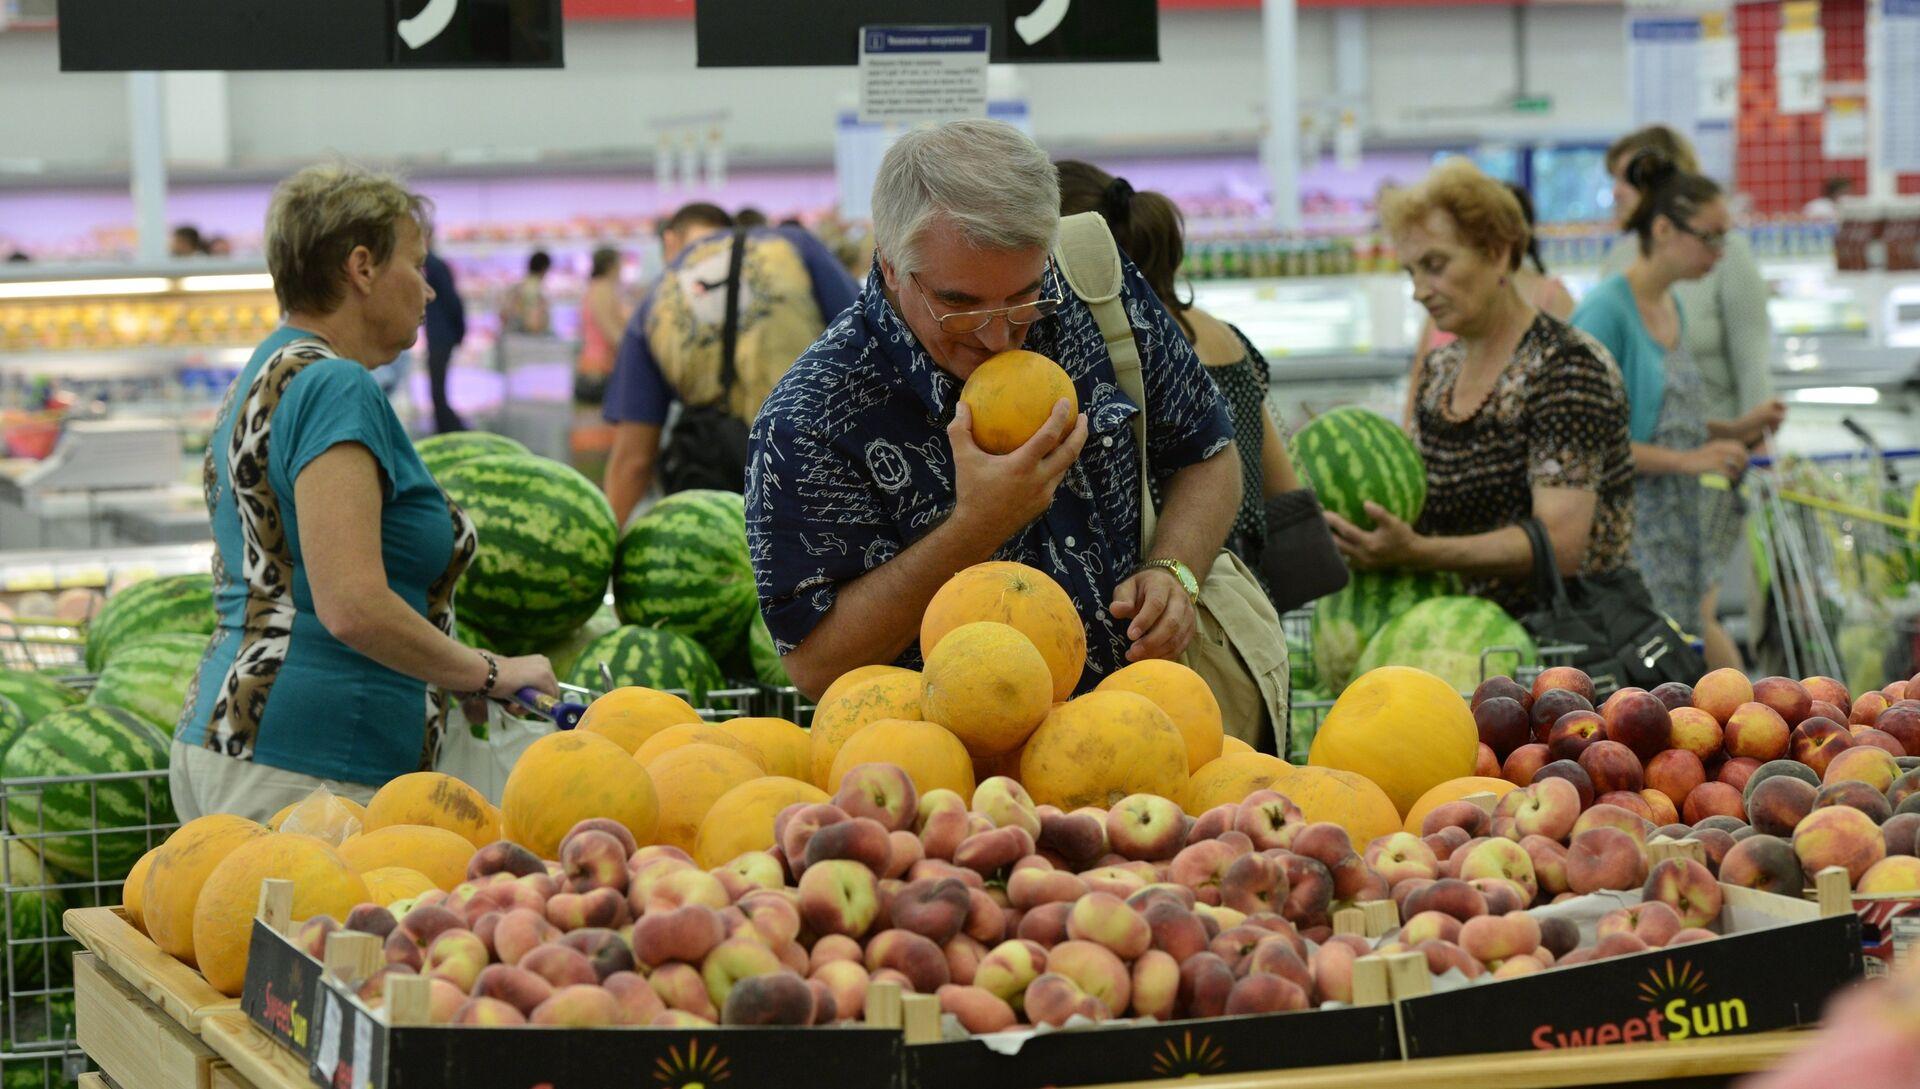 Покупатели в отделе фруктов одного из гипермаркетов - РИА Новости, 1920, 14.07.2020